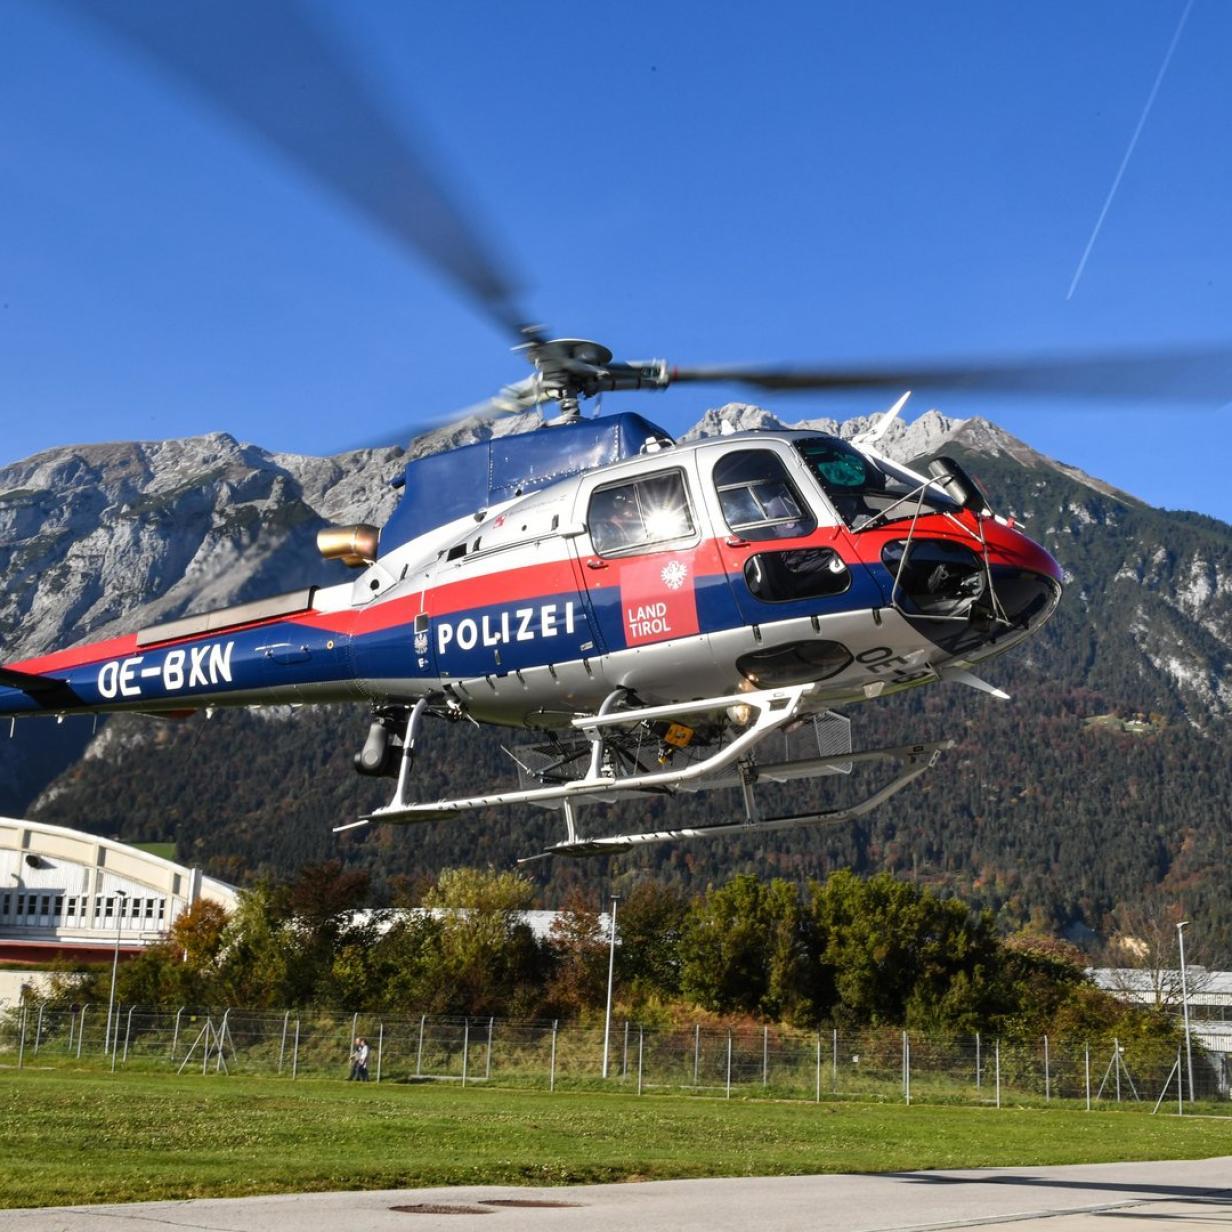 Ein Landes-Heli für das Hubschrauber-Land